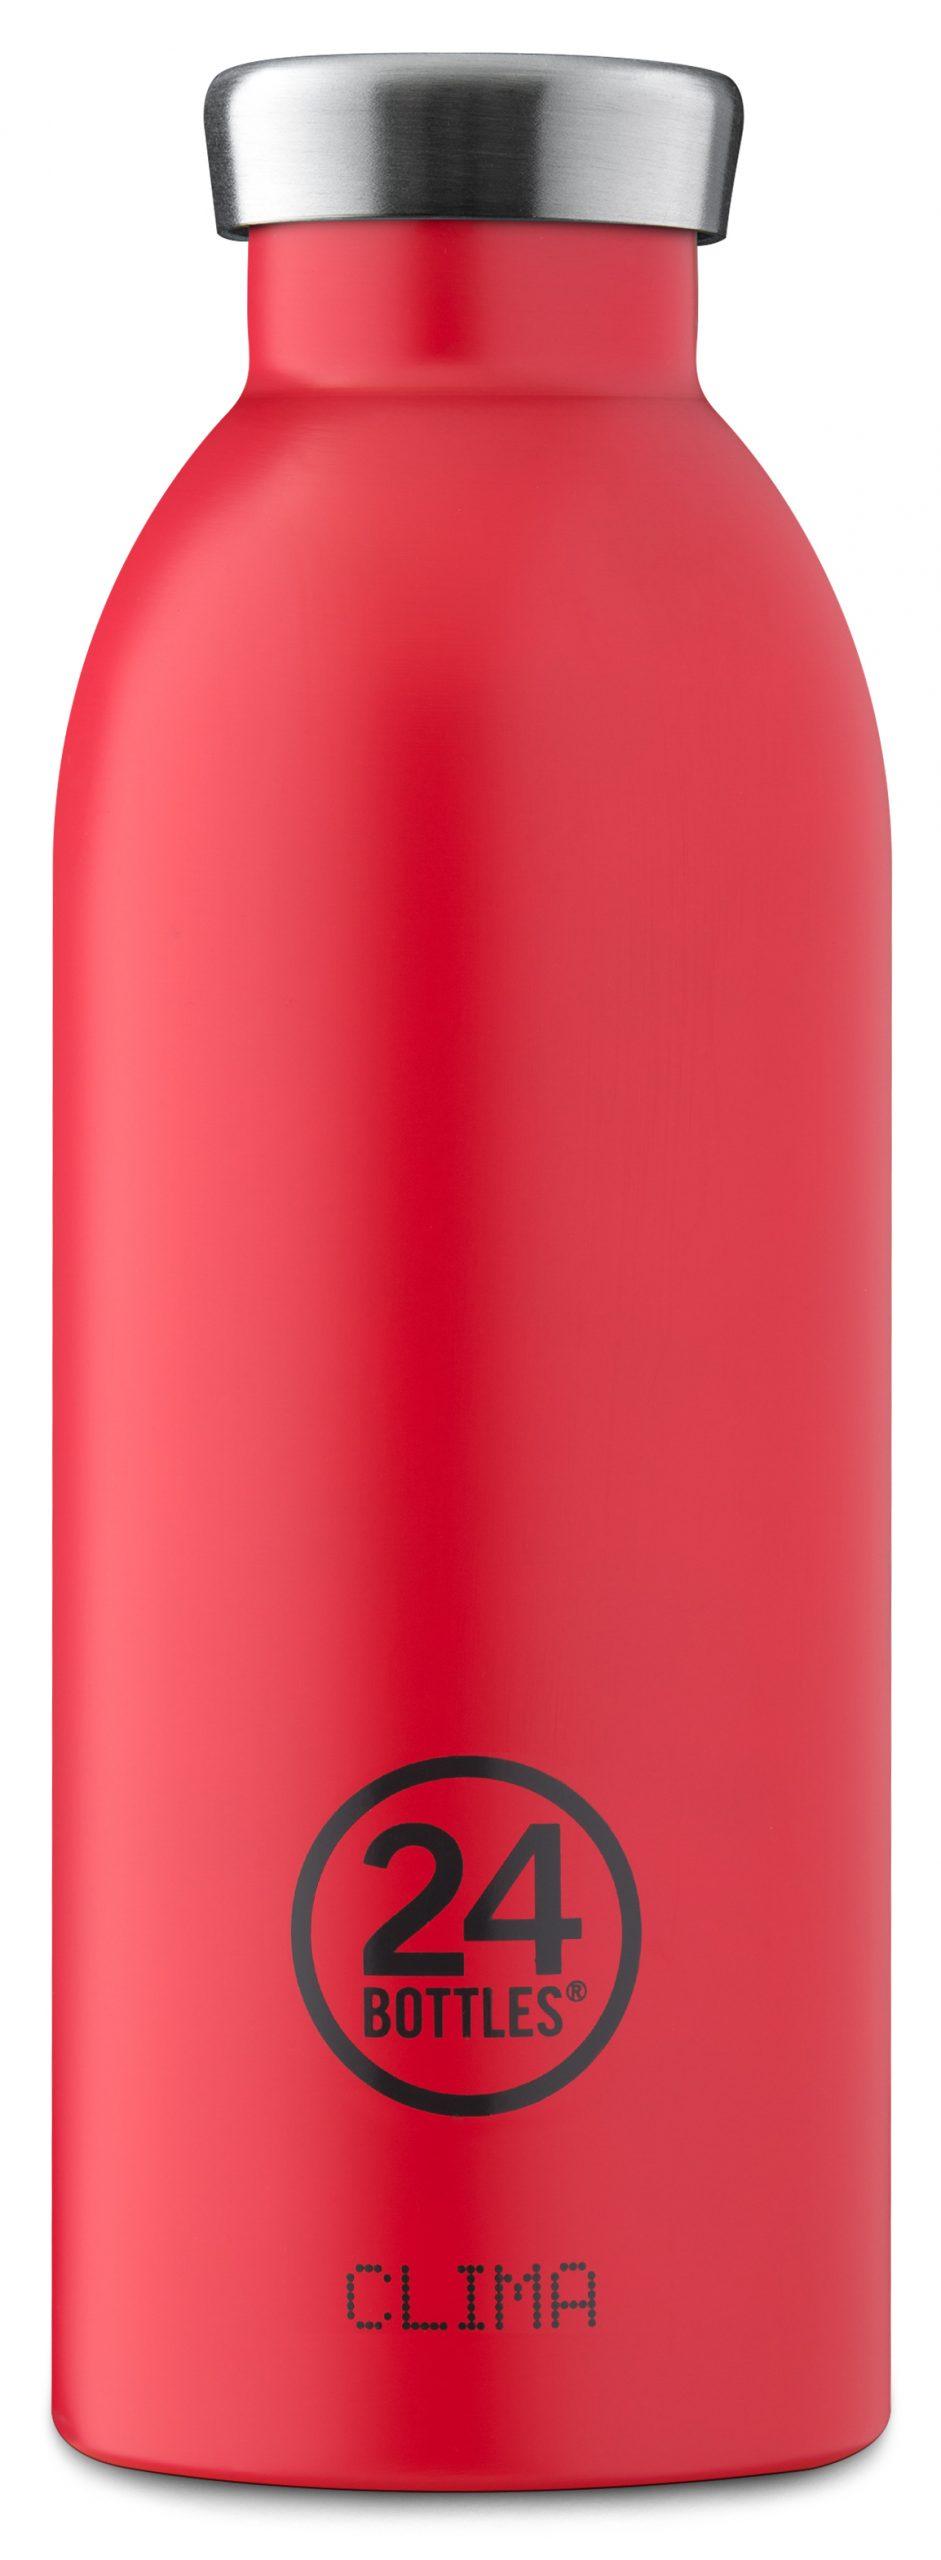 """®24bottles בקבוק """"קלימה"""" תרמי 500 מ""""ל – אדום לוהט"""